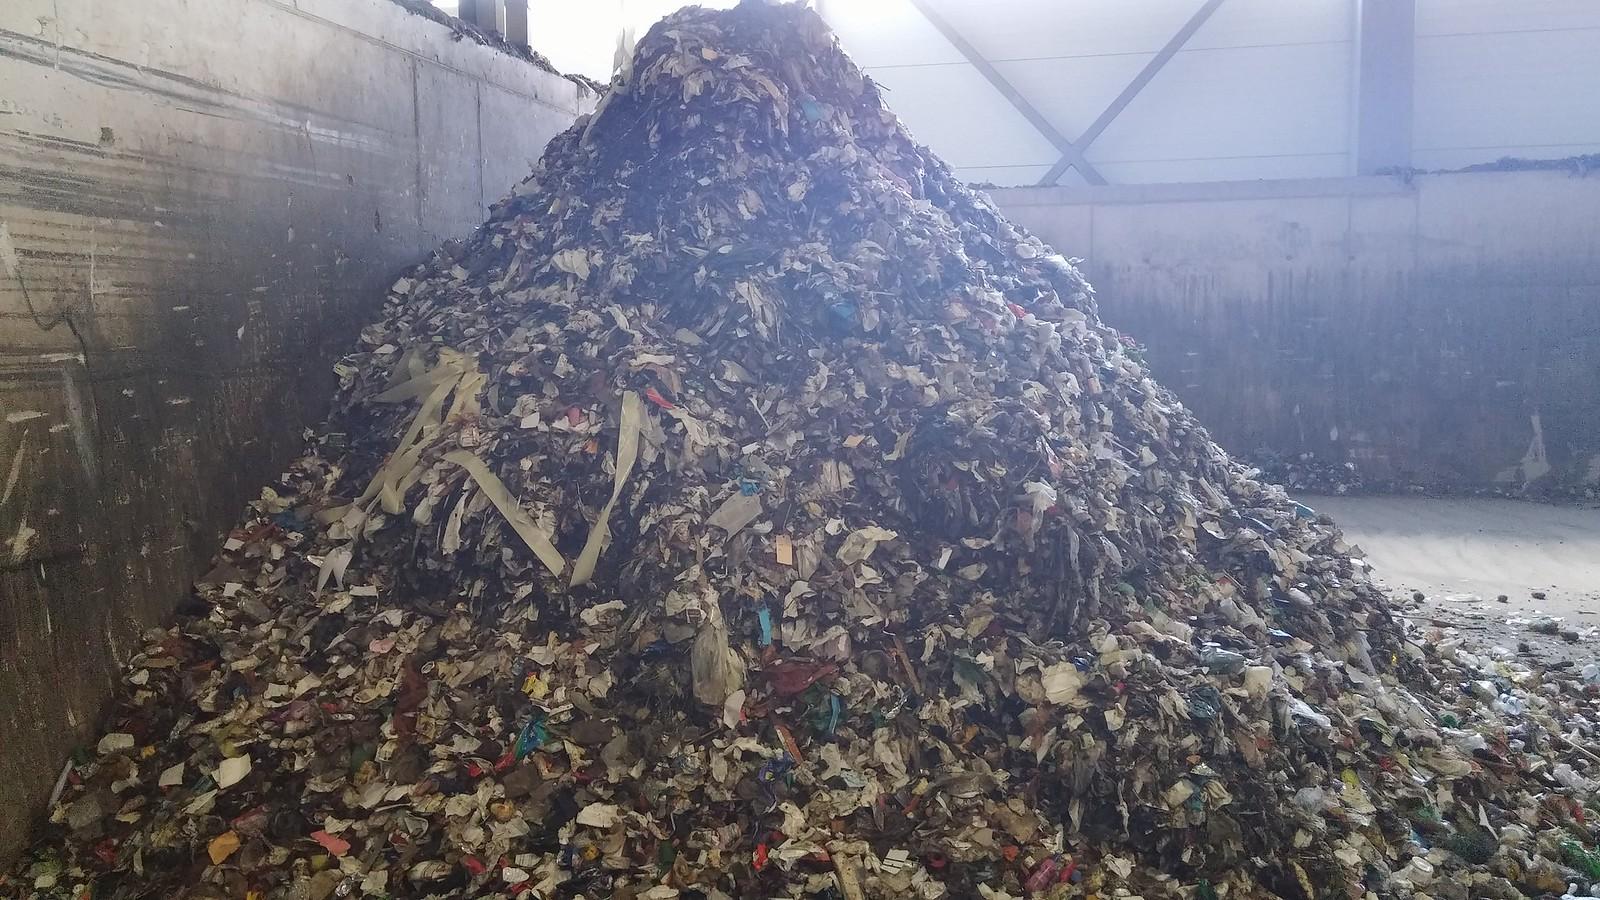 Čia daug biologinės kilmės atliekų. Lyg ir.